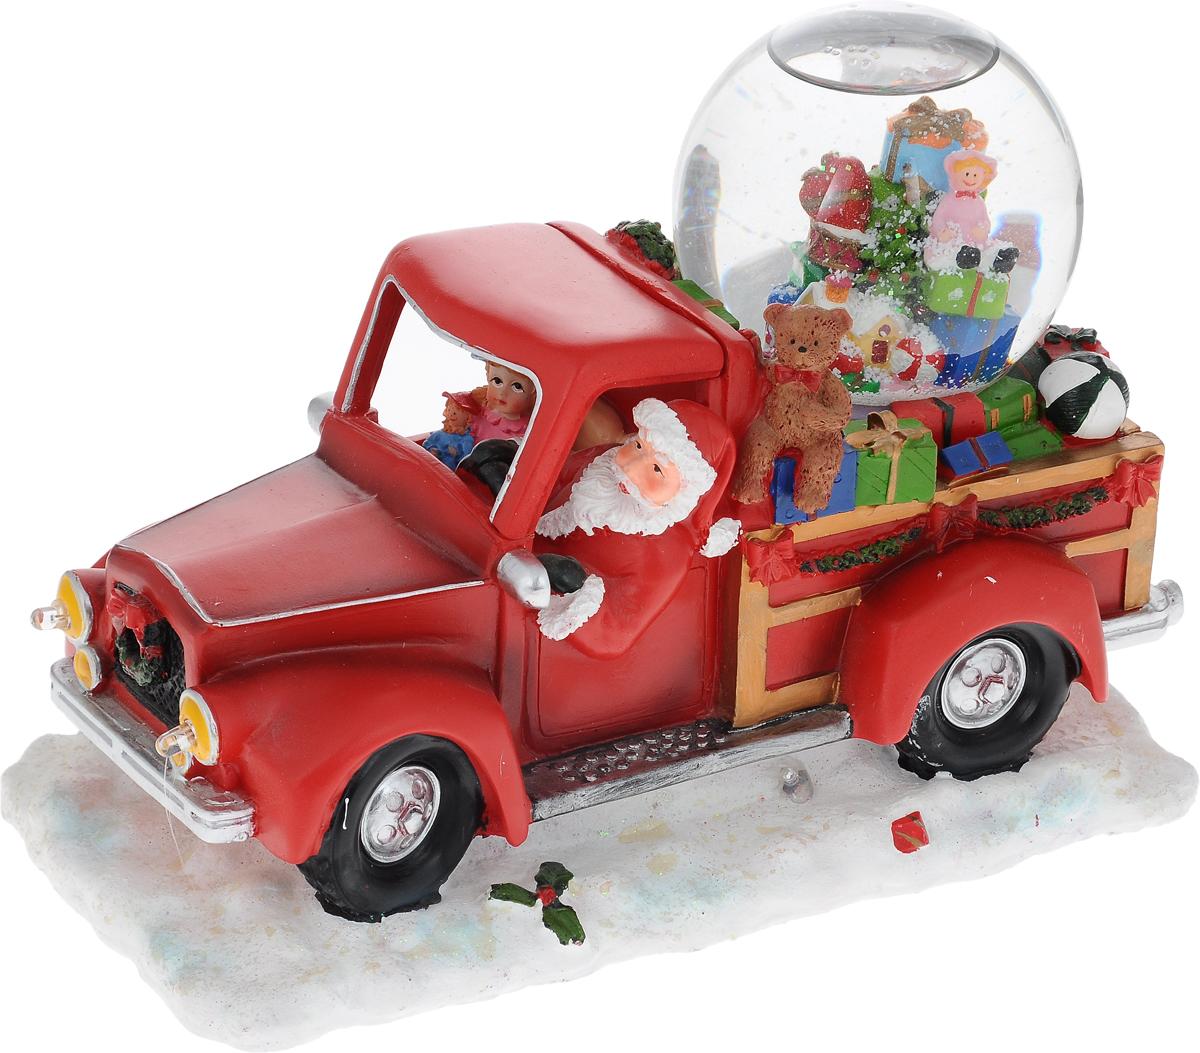 Украшение новогоднее декоративное Win Max Дед Мороз, с водяным шаром, музыкальное20112044Украшение новогоднее декоративное Win Max Дед Мороз прекрасно подойдет для праздничного декора вашего дома. Изделие выполнено из полистоуна в виде красного грузовика с подарками, за рулем которого Дед Мороз. Украшение дополнено водяным шаром с безопасной нетоксичной жидкостью внутри. Если включить тумблер с задней стороны машинки, то зазвучит мелодия Jingle Bells, загорятся разноцветные лампочки, и снежинки в водяном шаре придут в движение. Новогодние украшения несут в себе волшебство и красоту праздника. Они помогут вам украсить дом к предстоящим праздникам и оживить интерьер. Создайте в доме атмосферу тепла, веселья и радости, украшая его всей семьей. Кроме того, такая фигурка станет приятным подарком, который надолго сохранит память этого волшебного времени года. Украшение работает от 3 батареек типа АА (в комплект не входят). Диаметр водяного шара: 9 см.